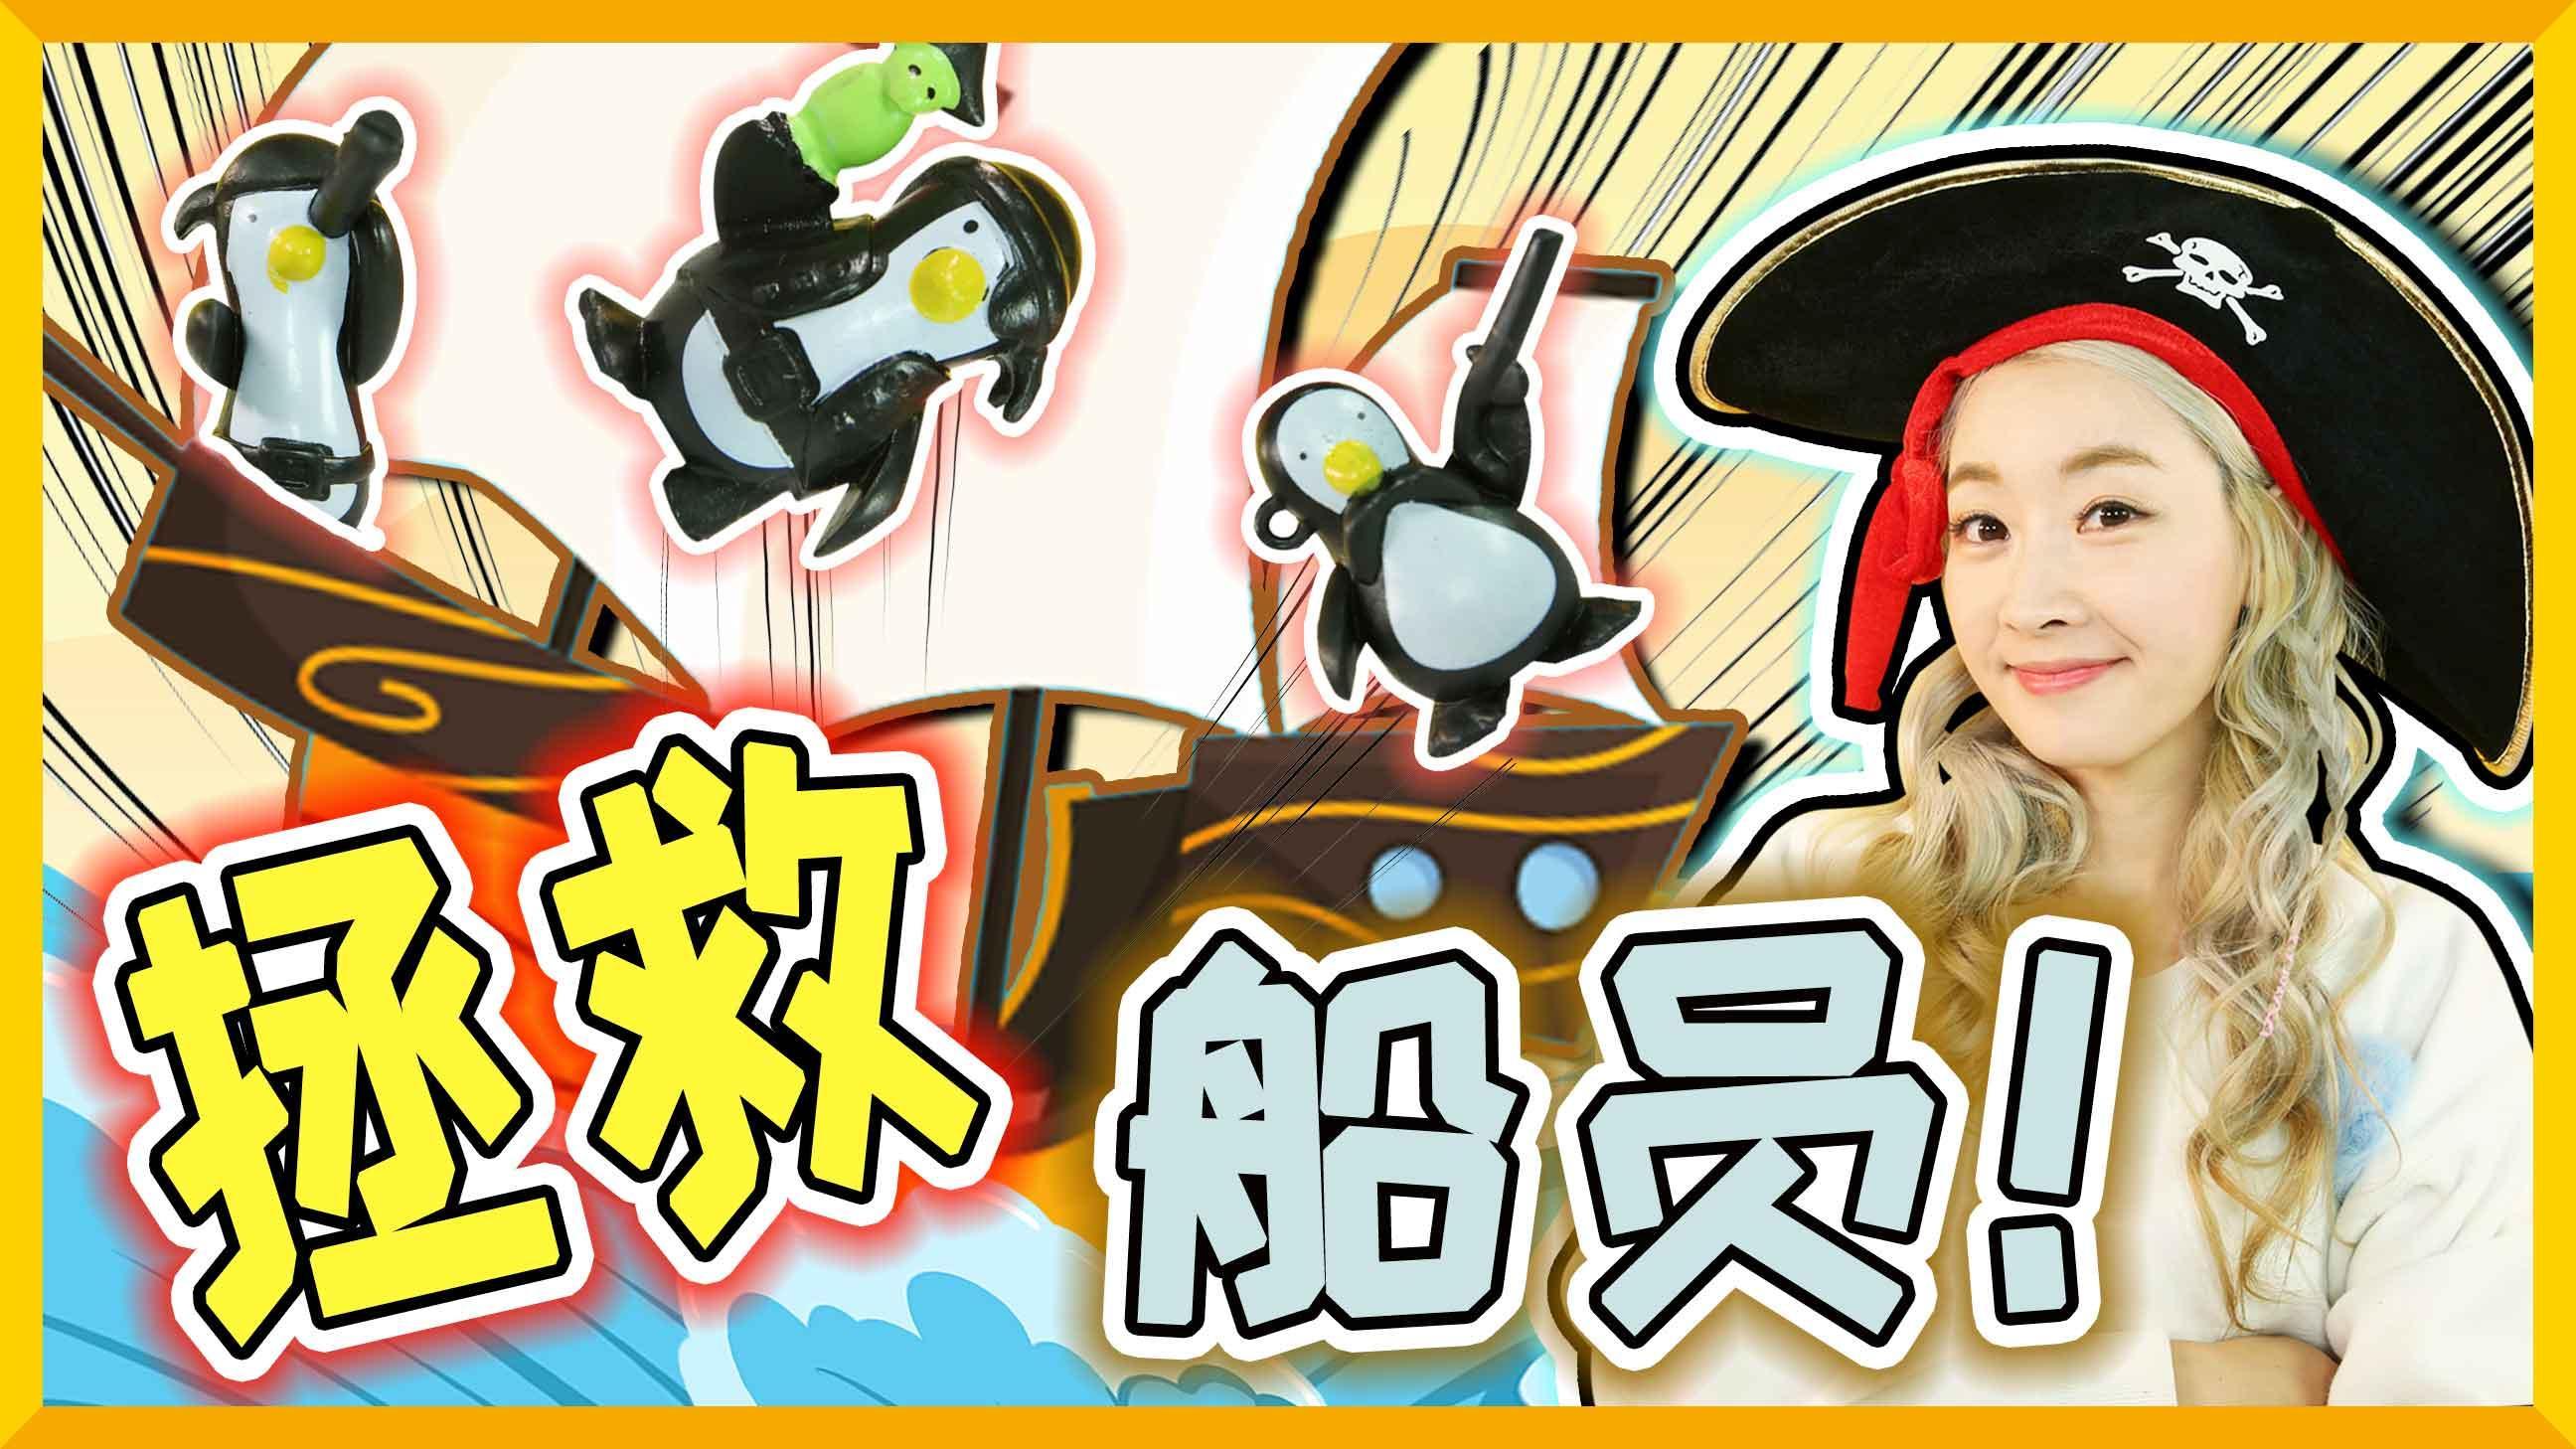 剪刀石头布的终极黑洞玩家!看谁能拯救企鹅船员吧 | 爱丽和故事 EllieAndStory